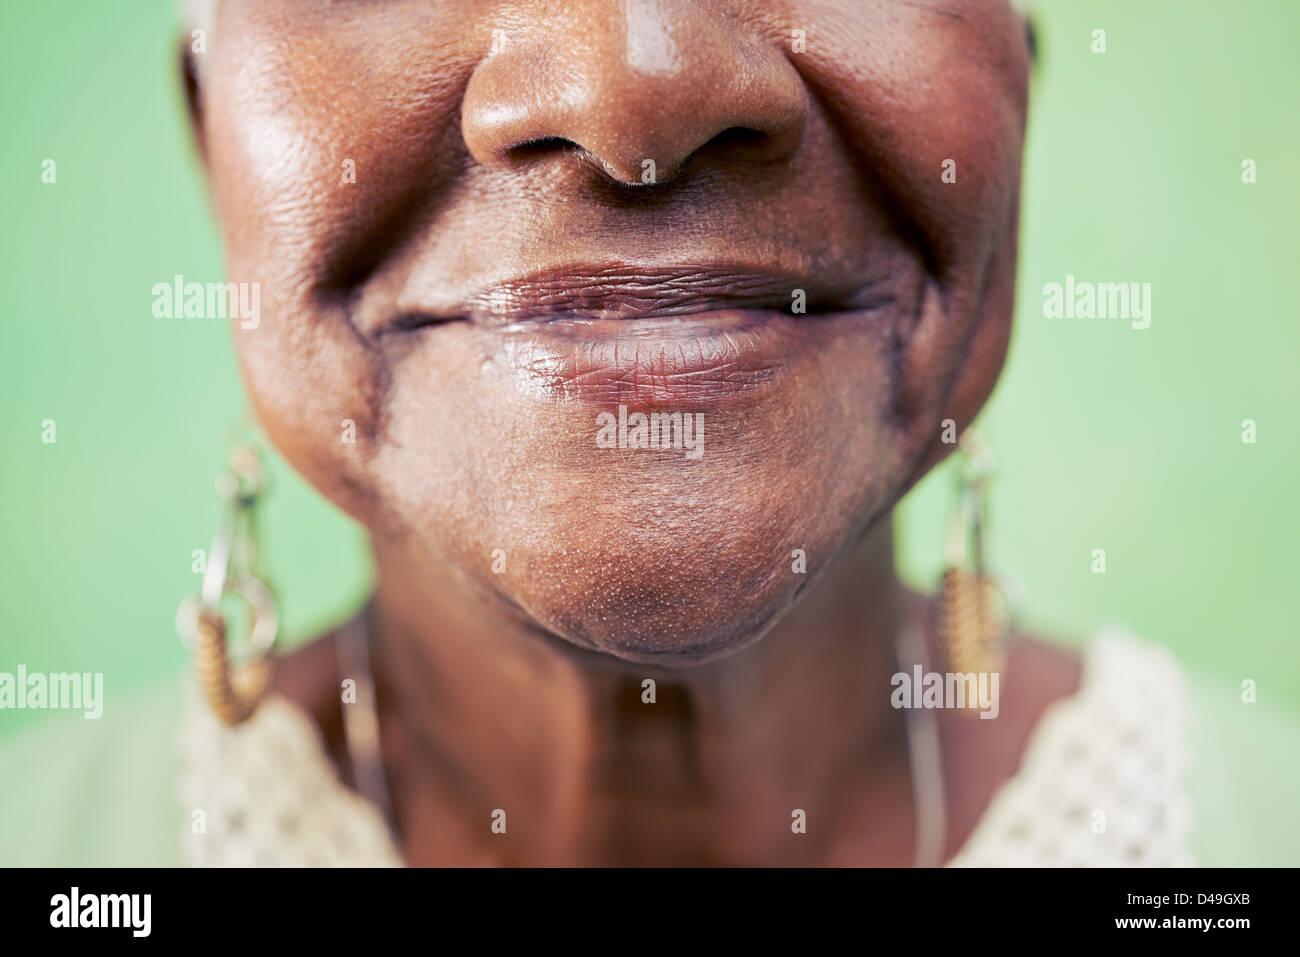 Old black woman portrait, close-up de l'oeil et du visage sur fond vert. Copy space Photo Stock